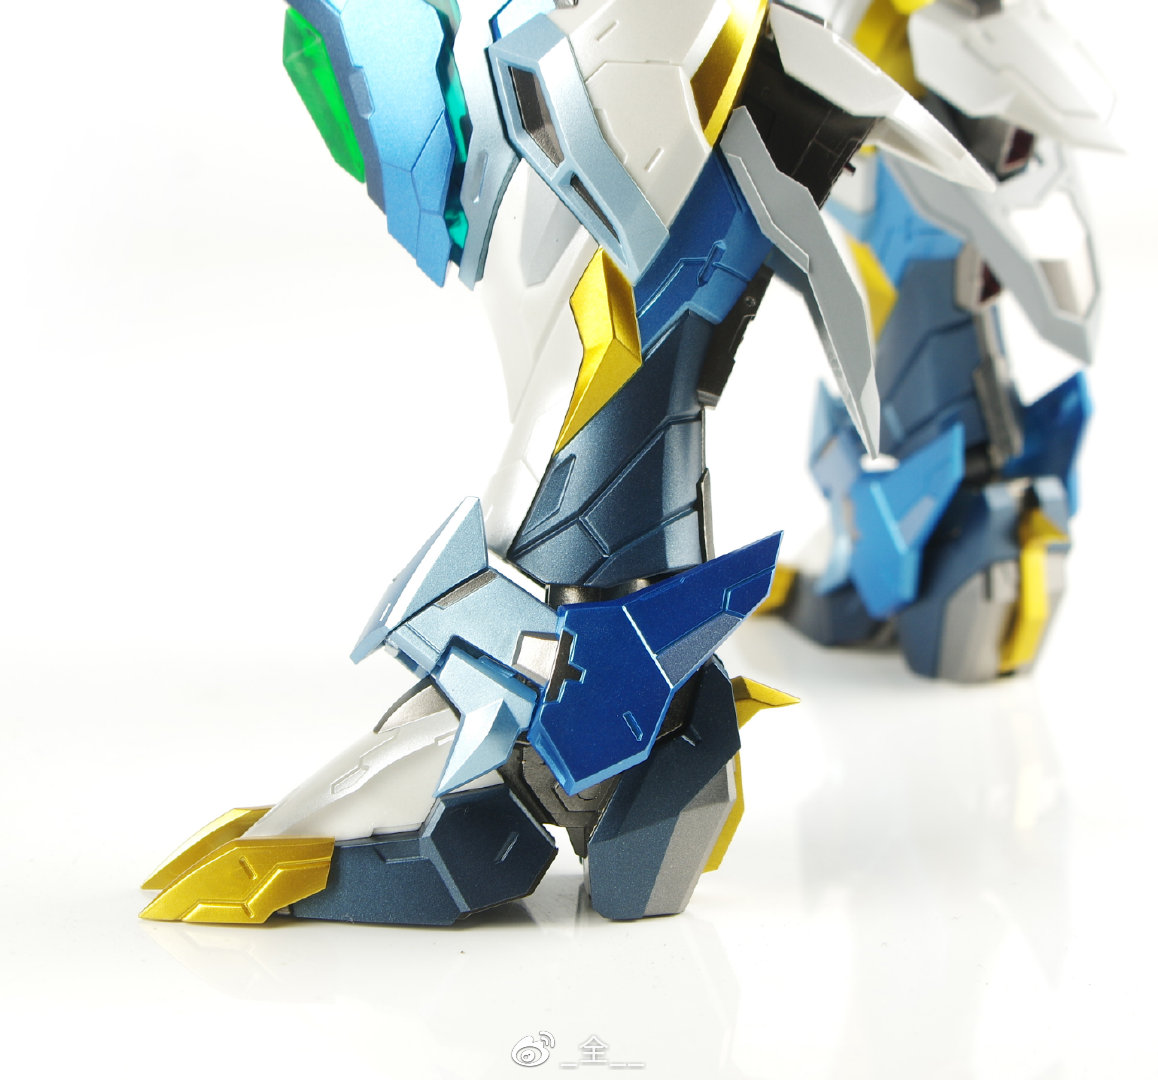 S470_MOTOR_NUCLEAR_MN_Q03_blue_gragon_ao_bing_di_hui_xing_han_long_zi_057.jpg